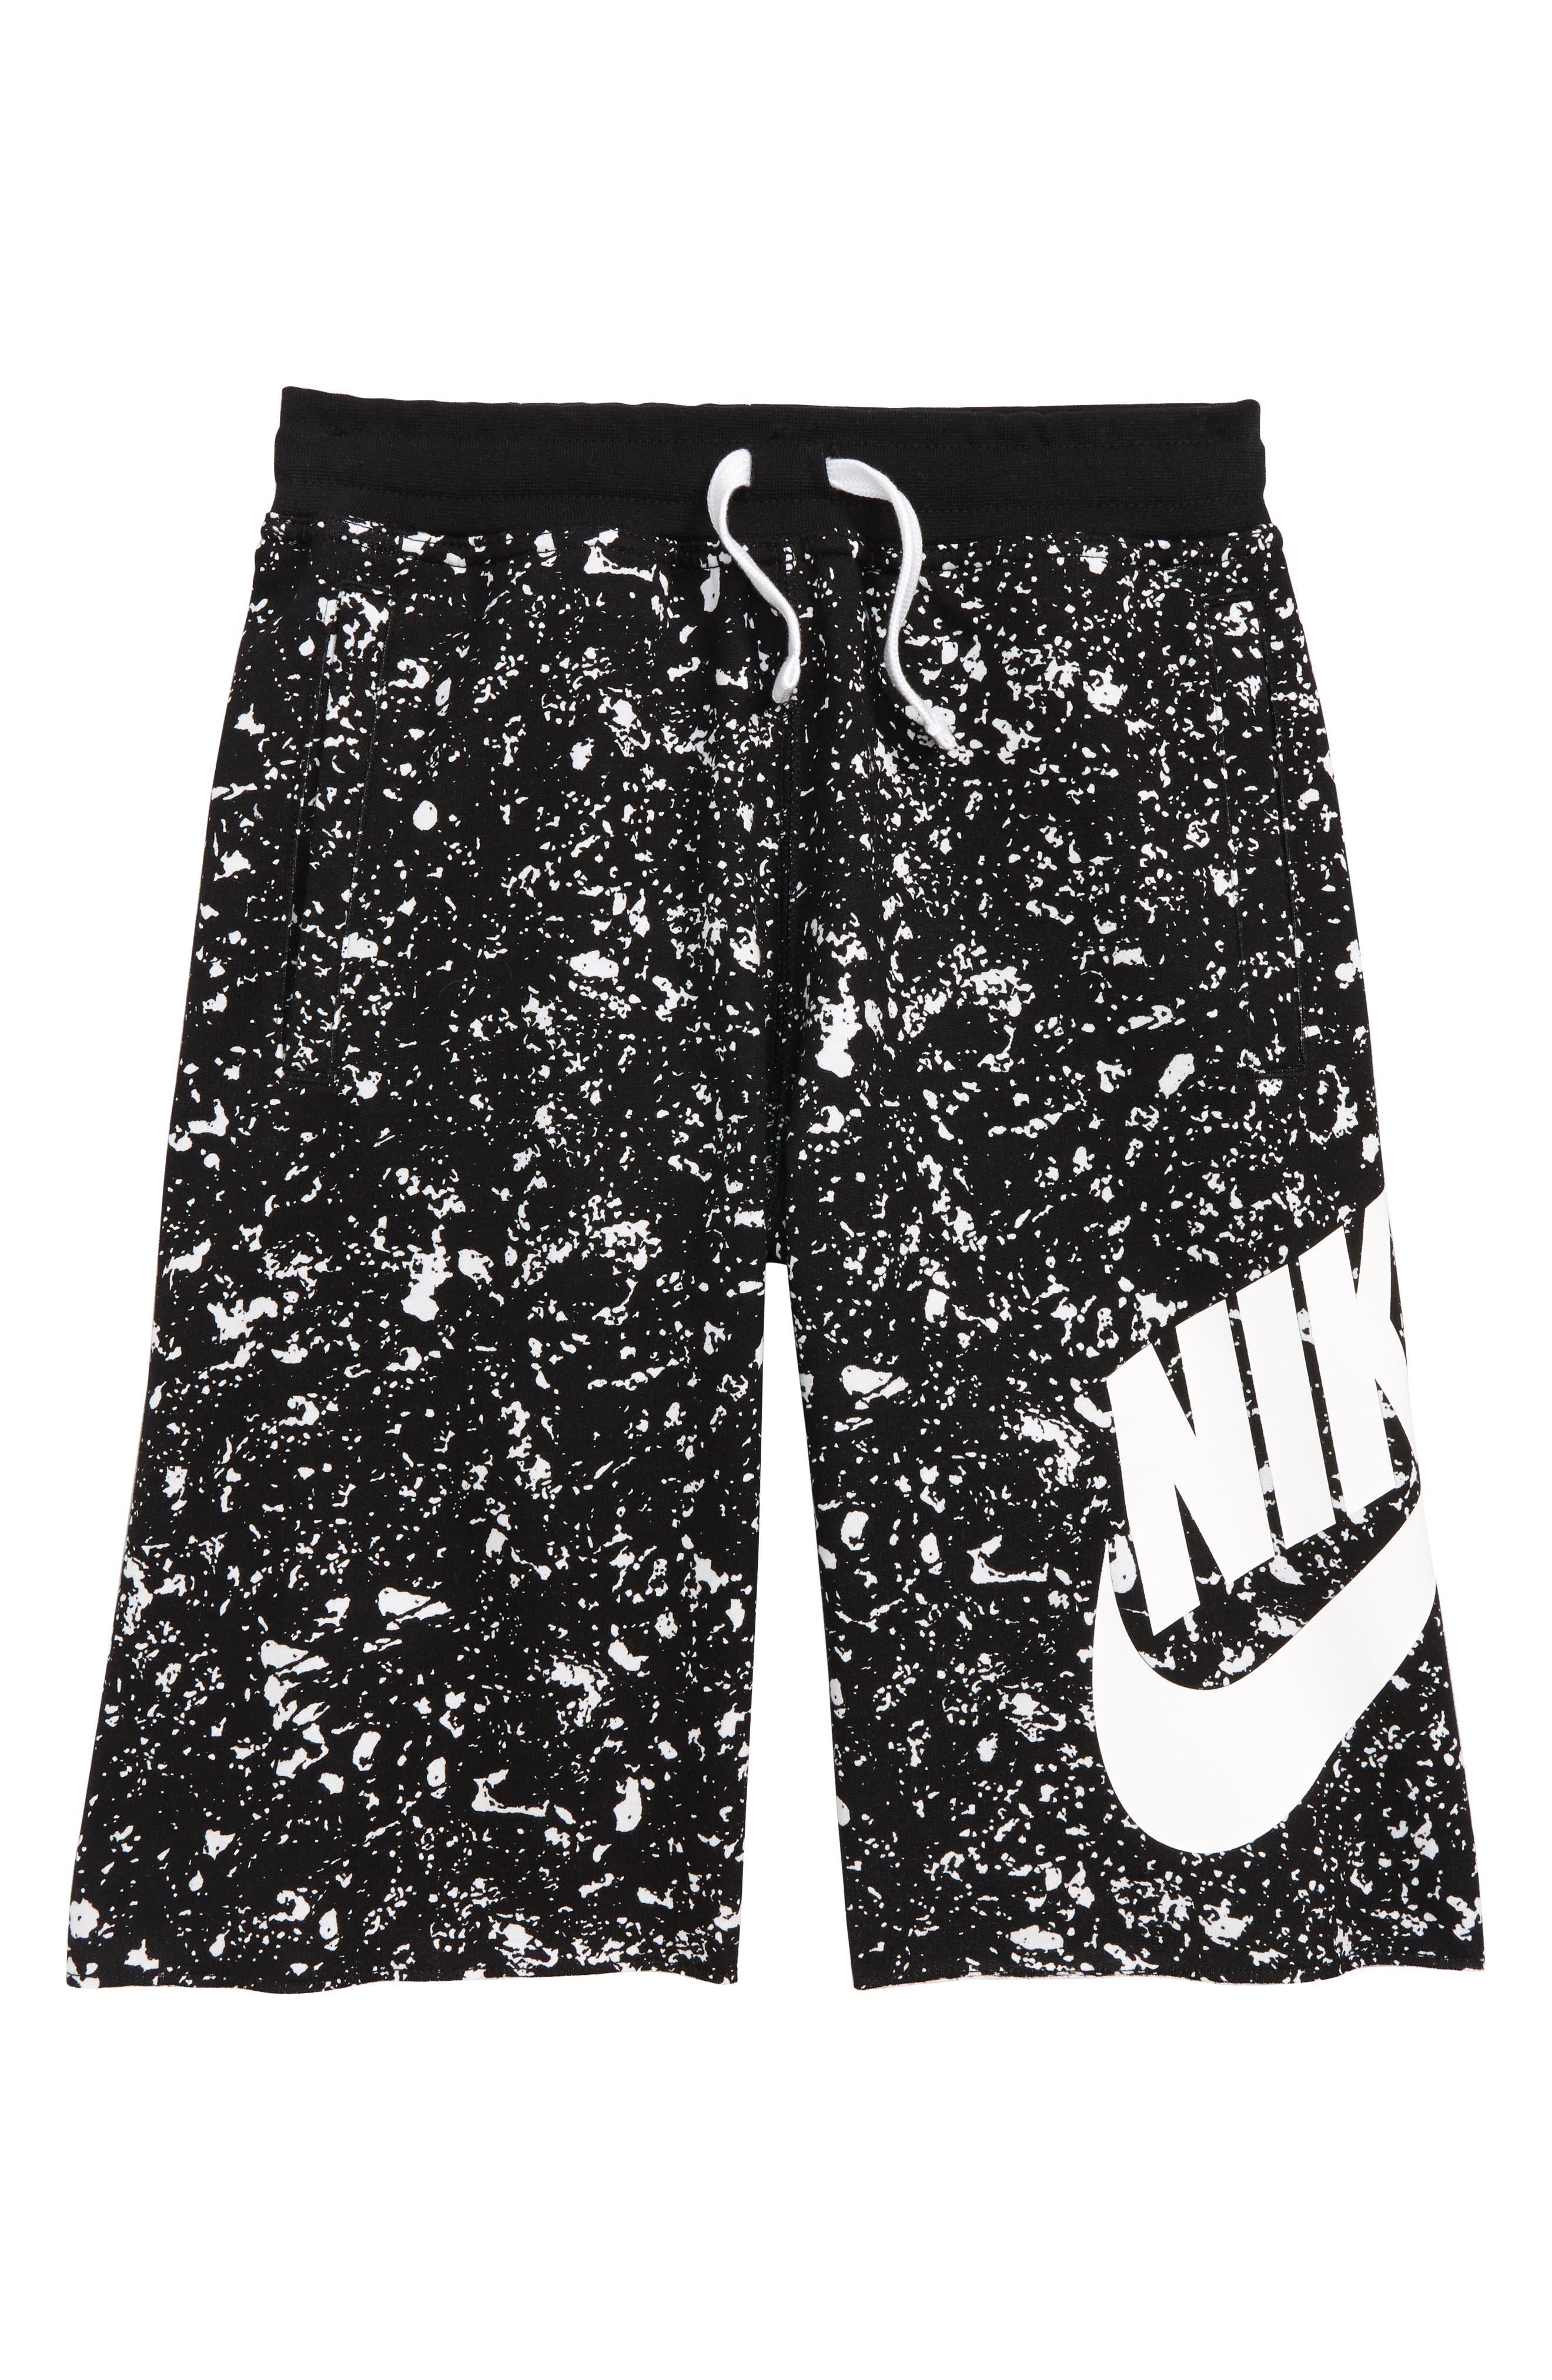 Sportswear Alumni Shorts,                         Main,                         color, 010